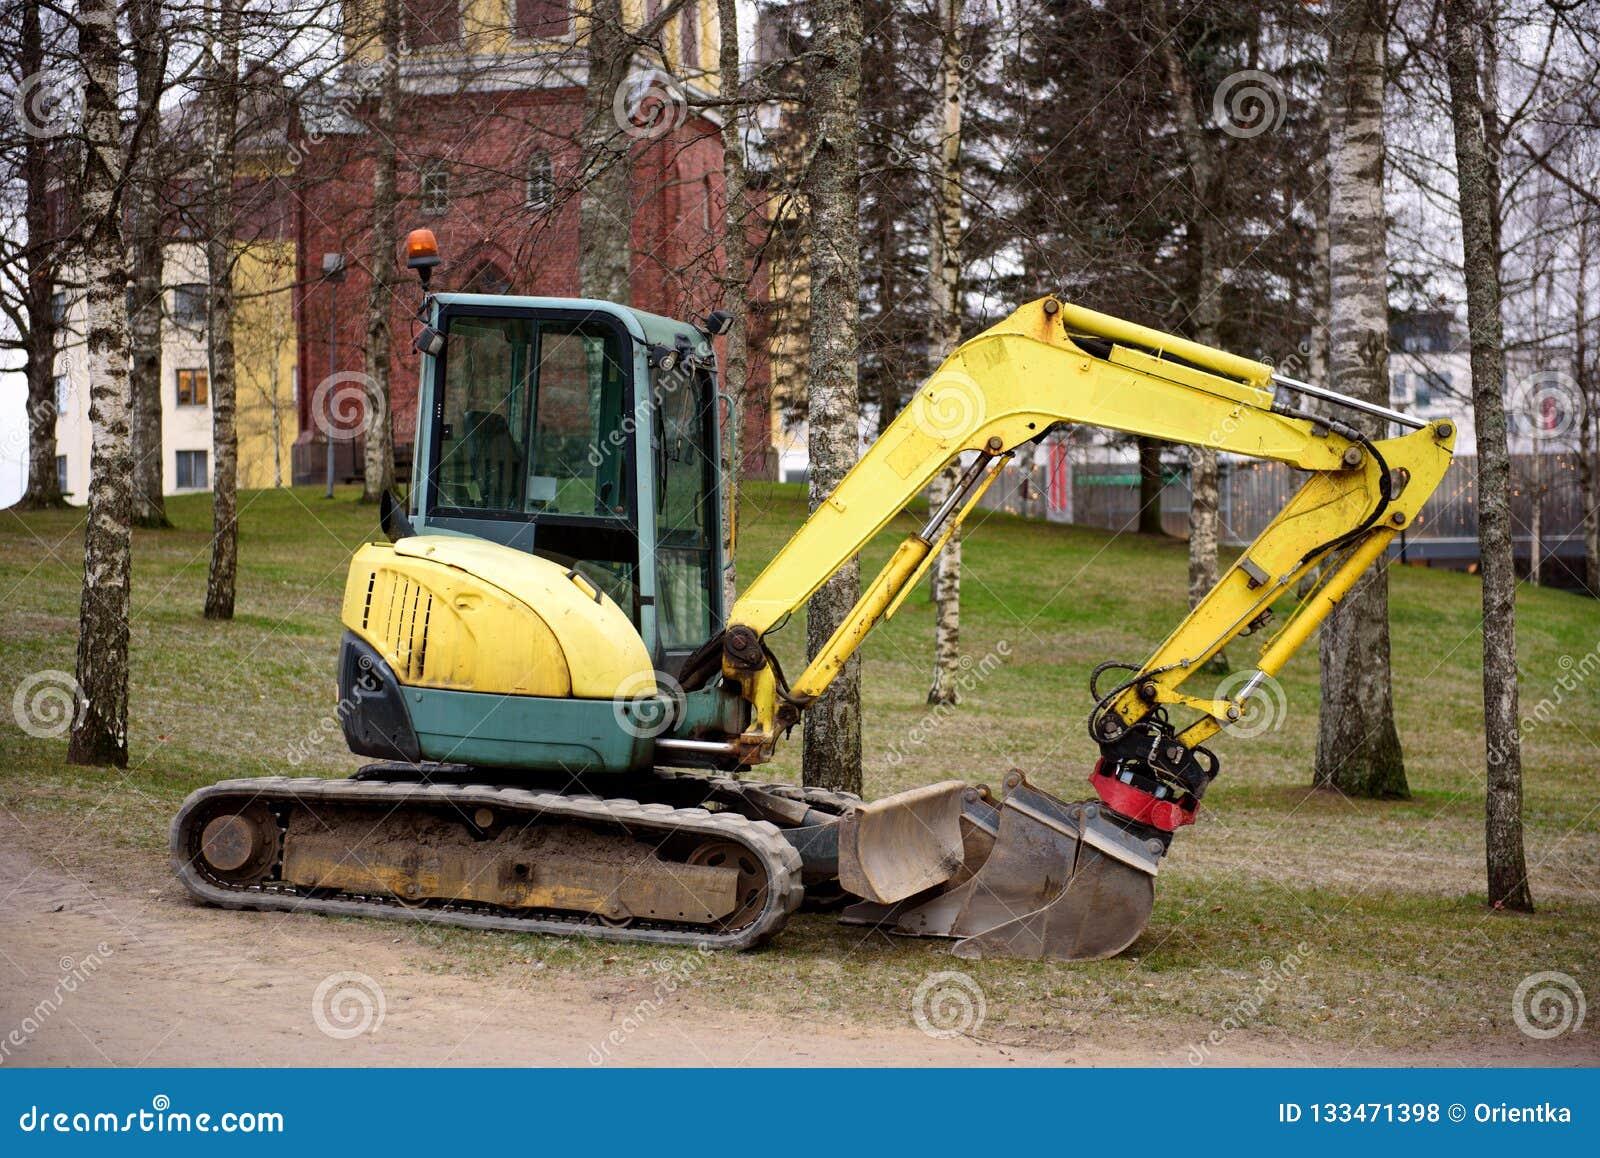 Мини экскаватор на строительной площадке Экскаватор стоит около выкопанного отверстия